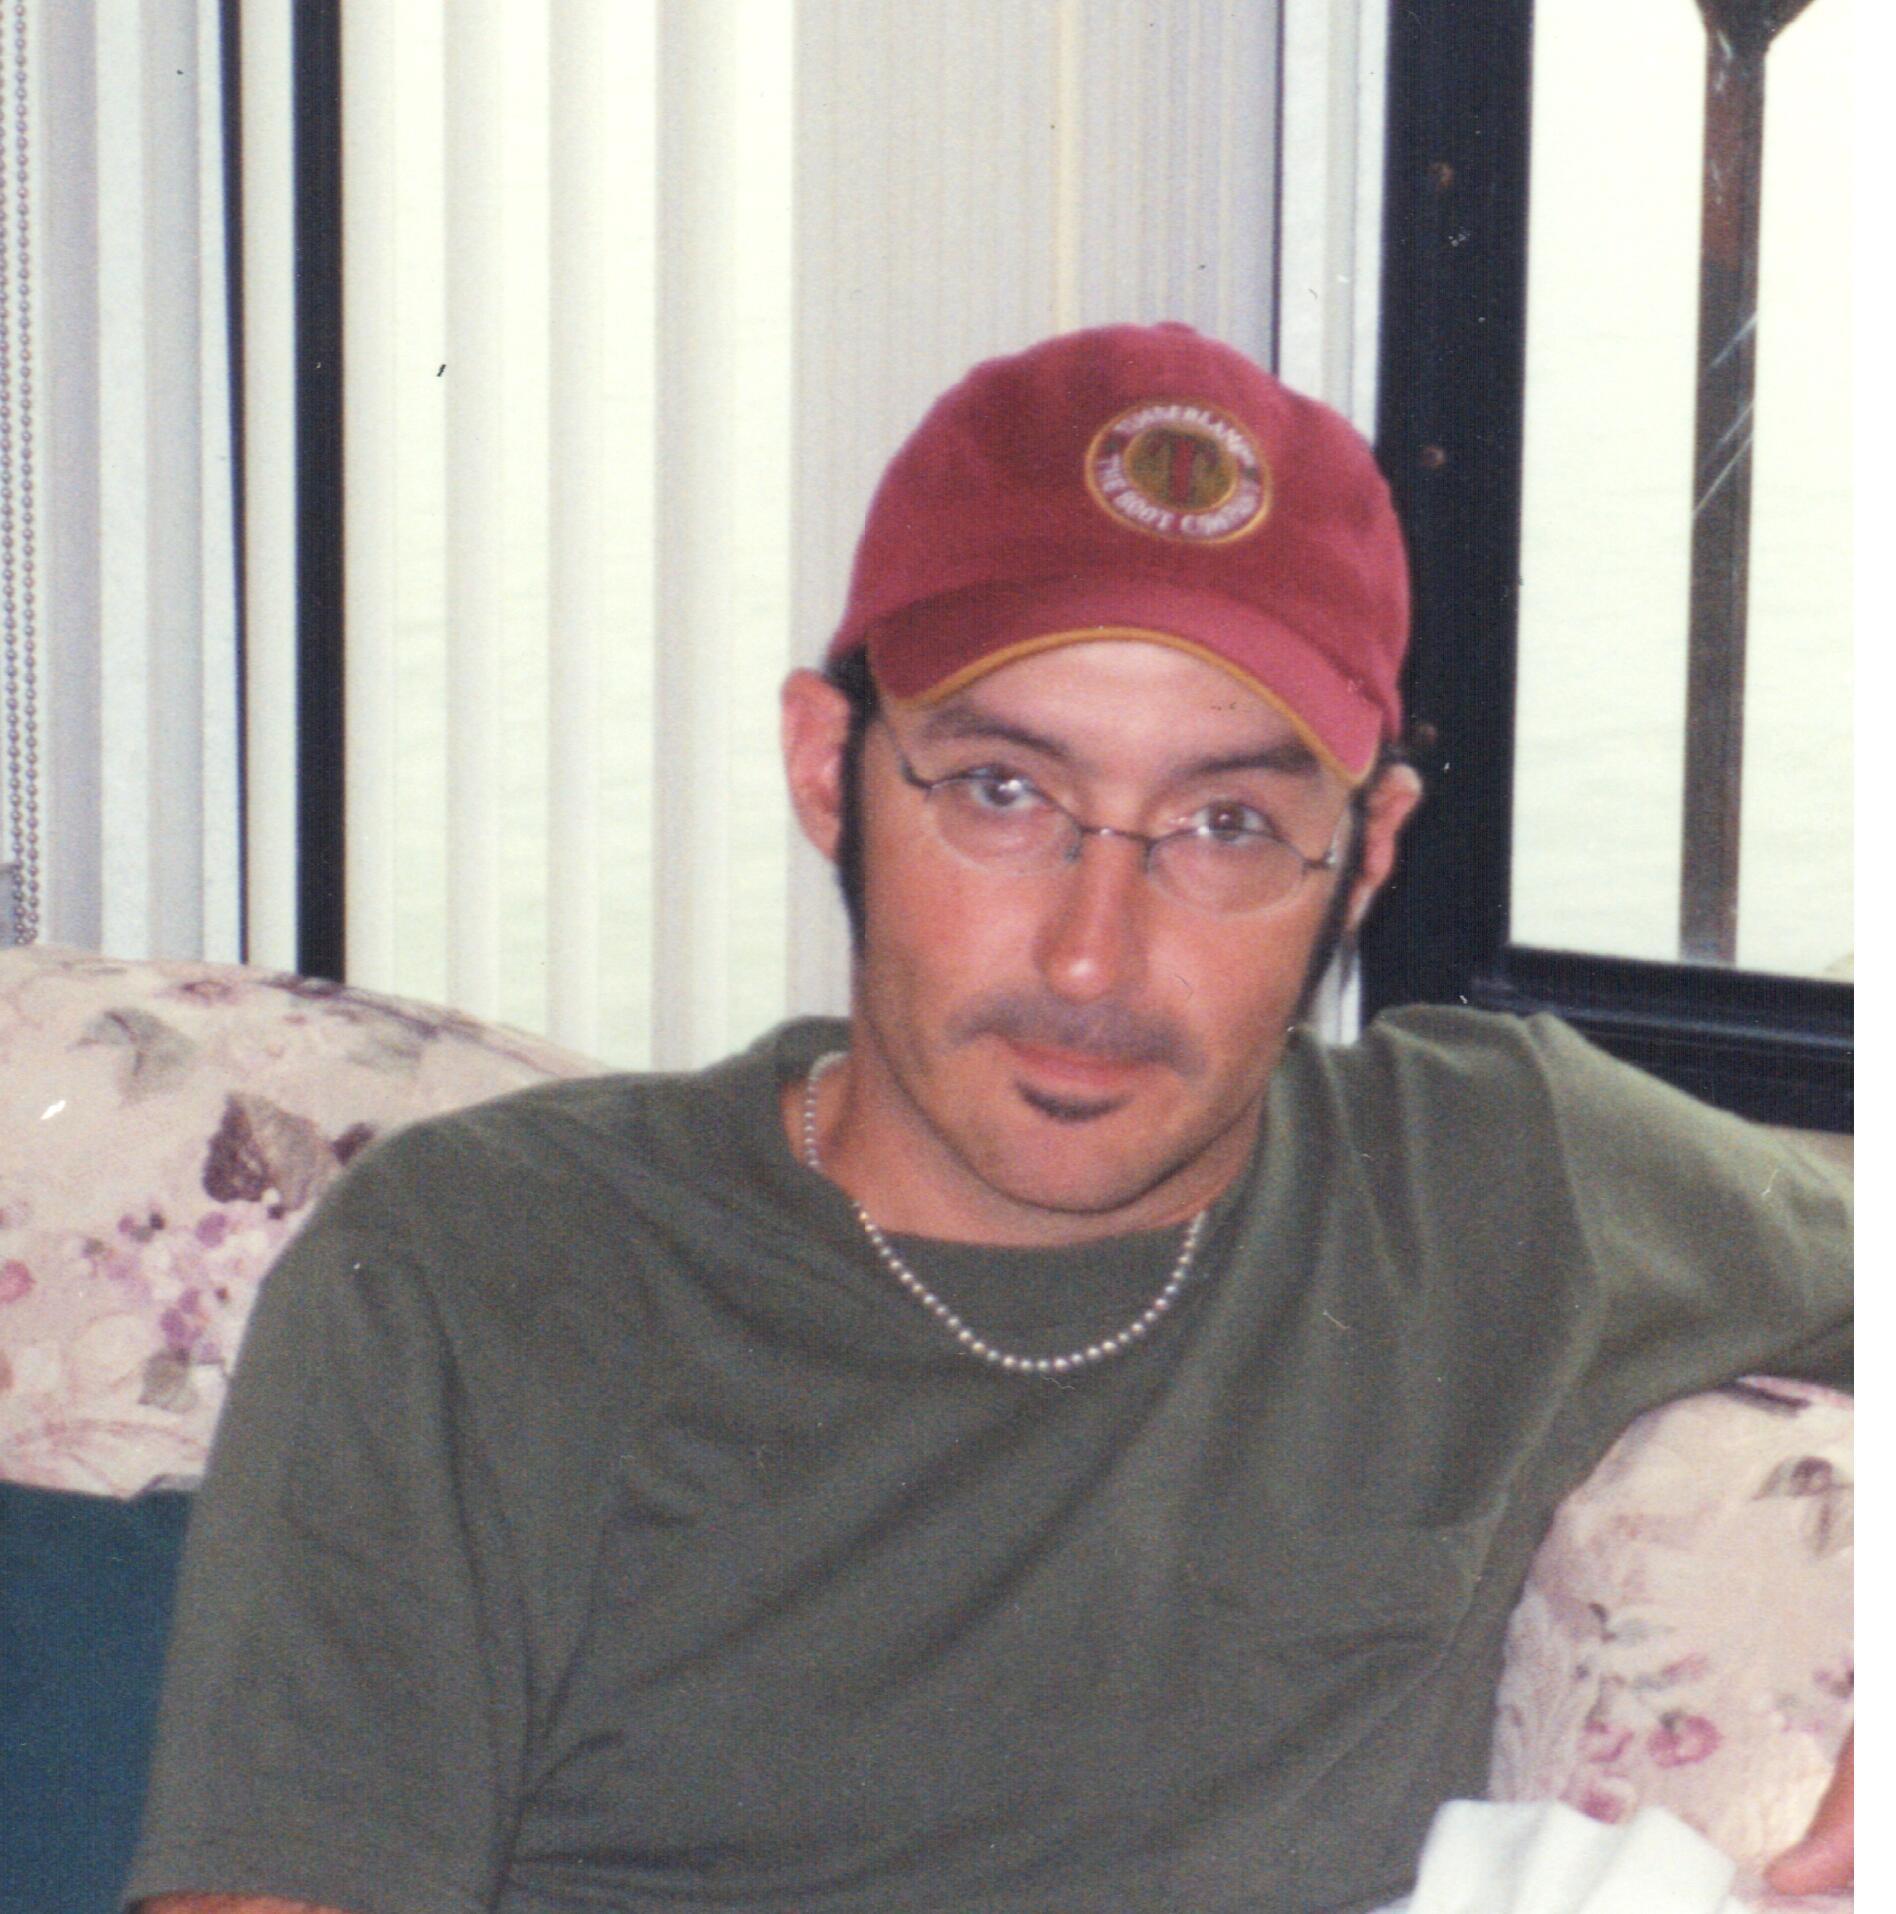 Brett Devin Miller